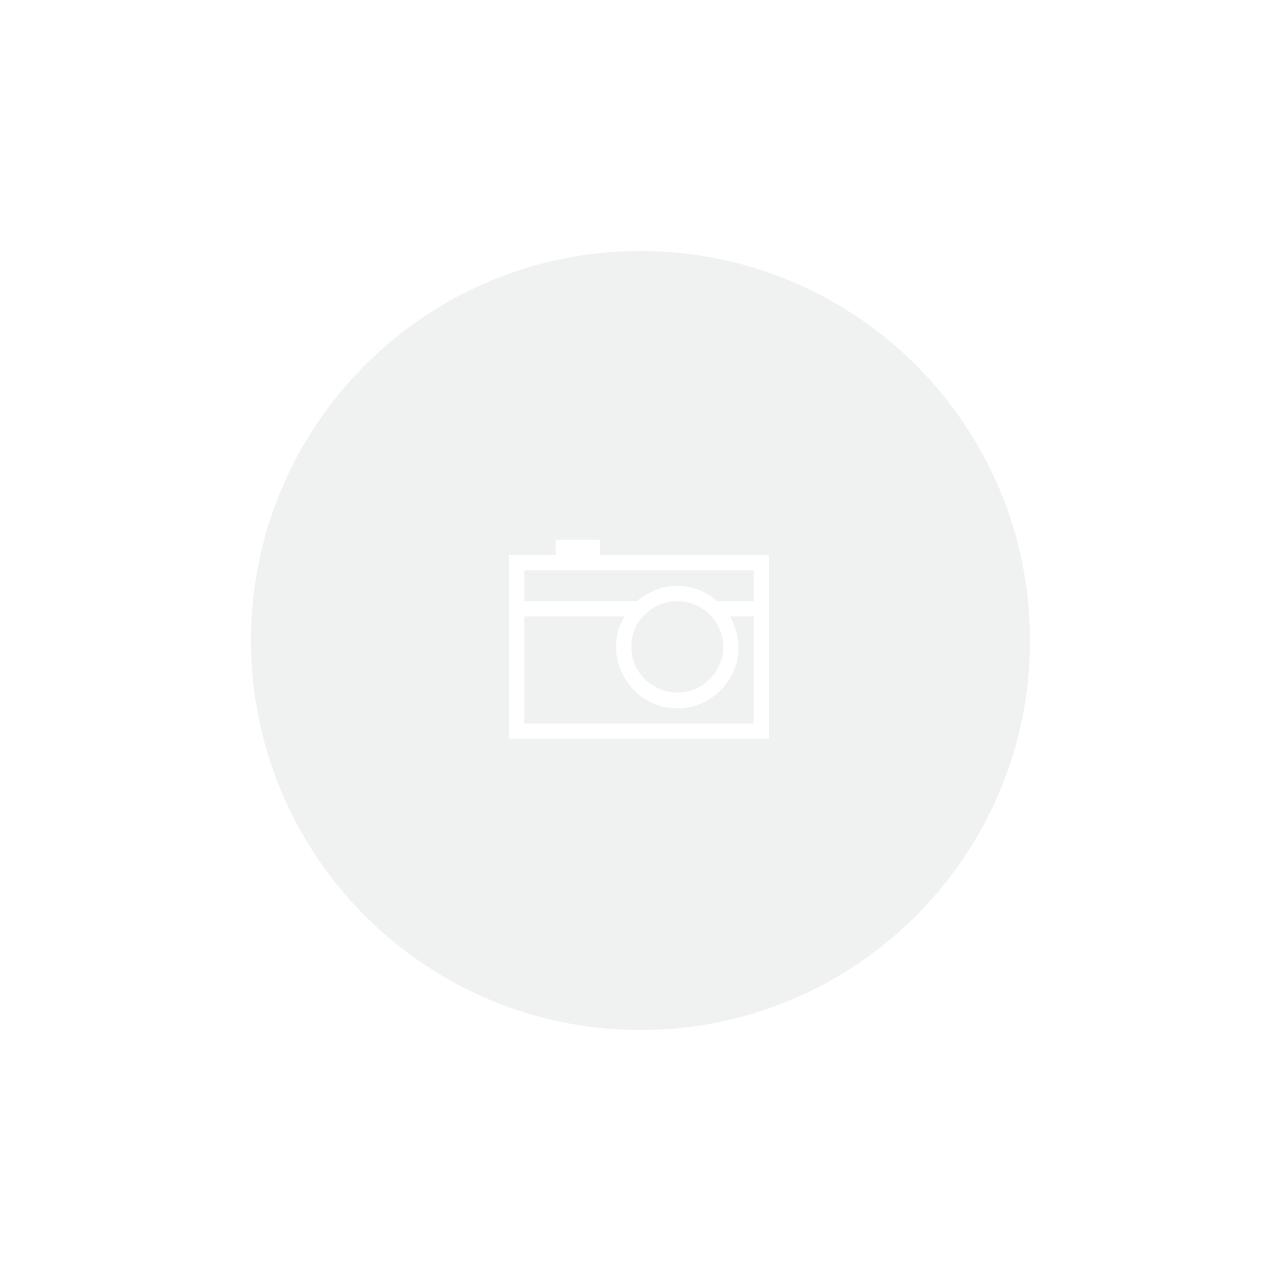 89,3 Wines of Brazil Awards